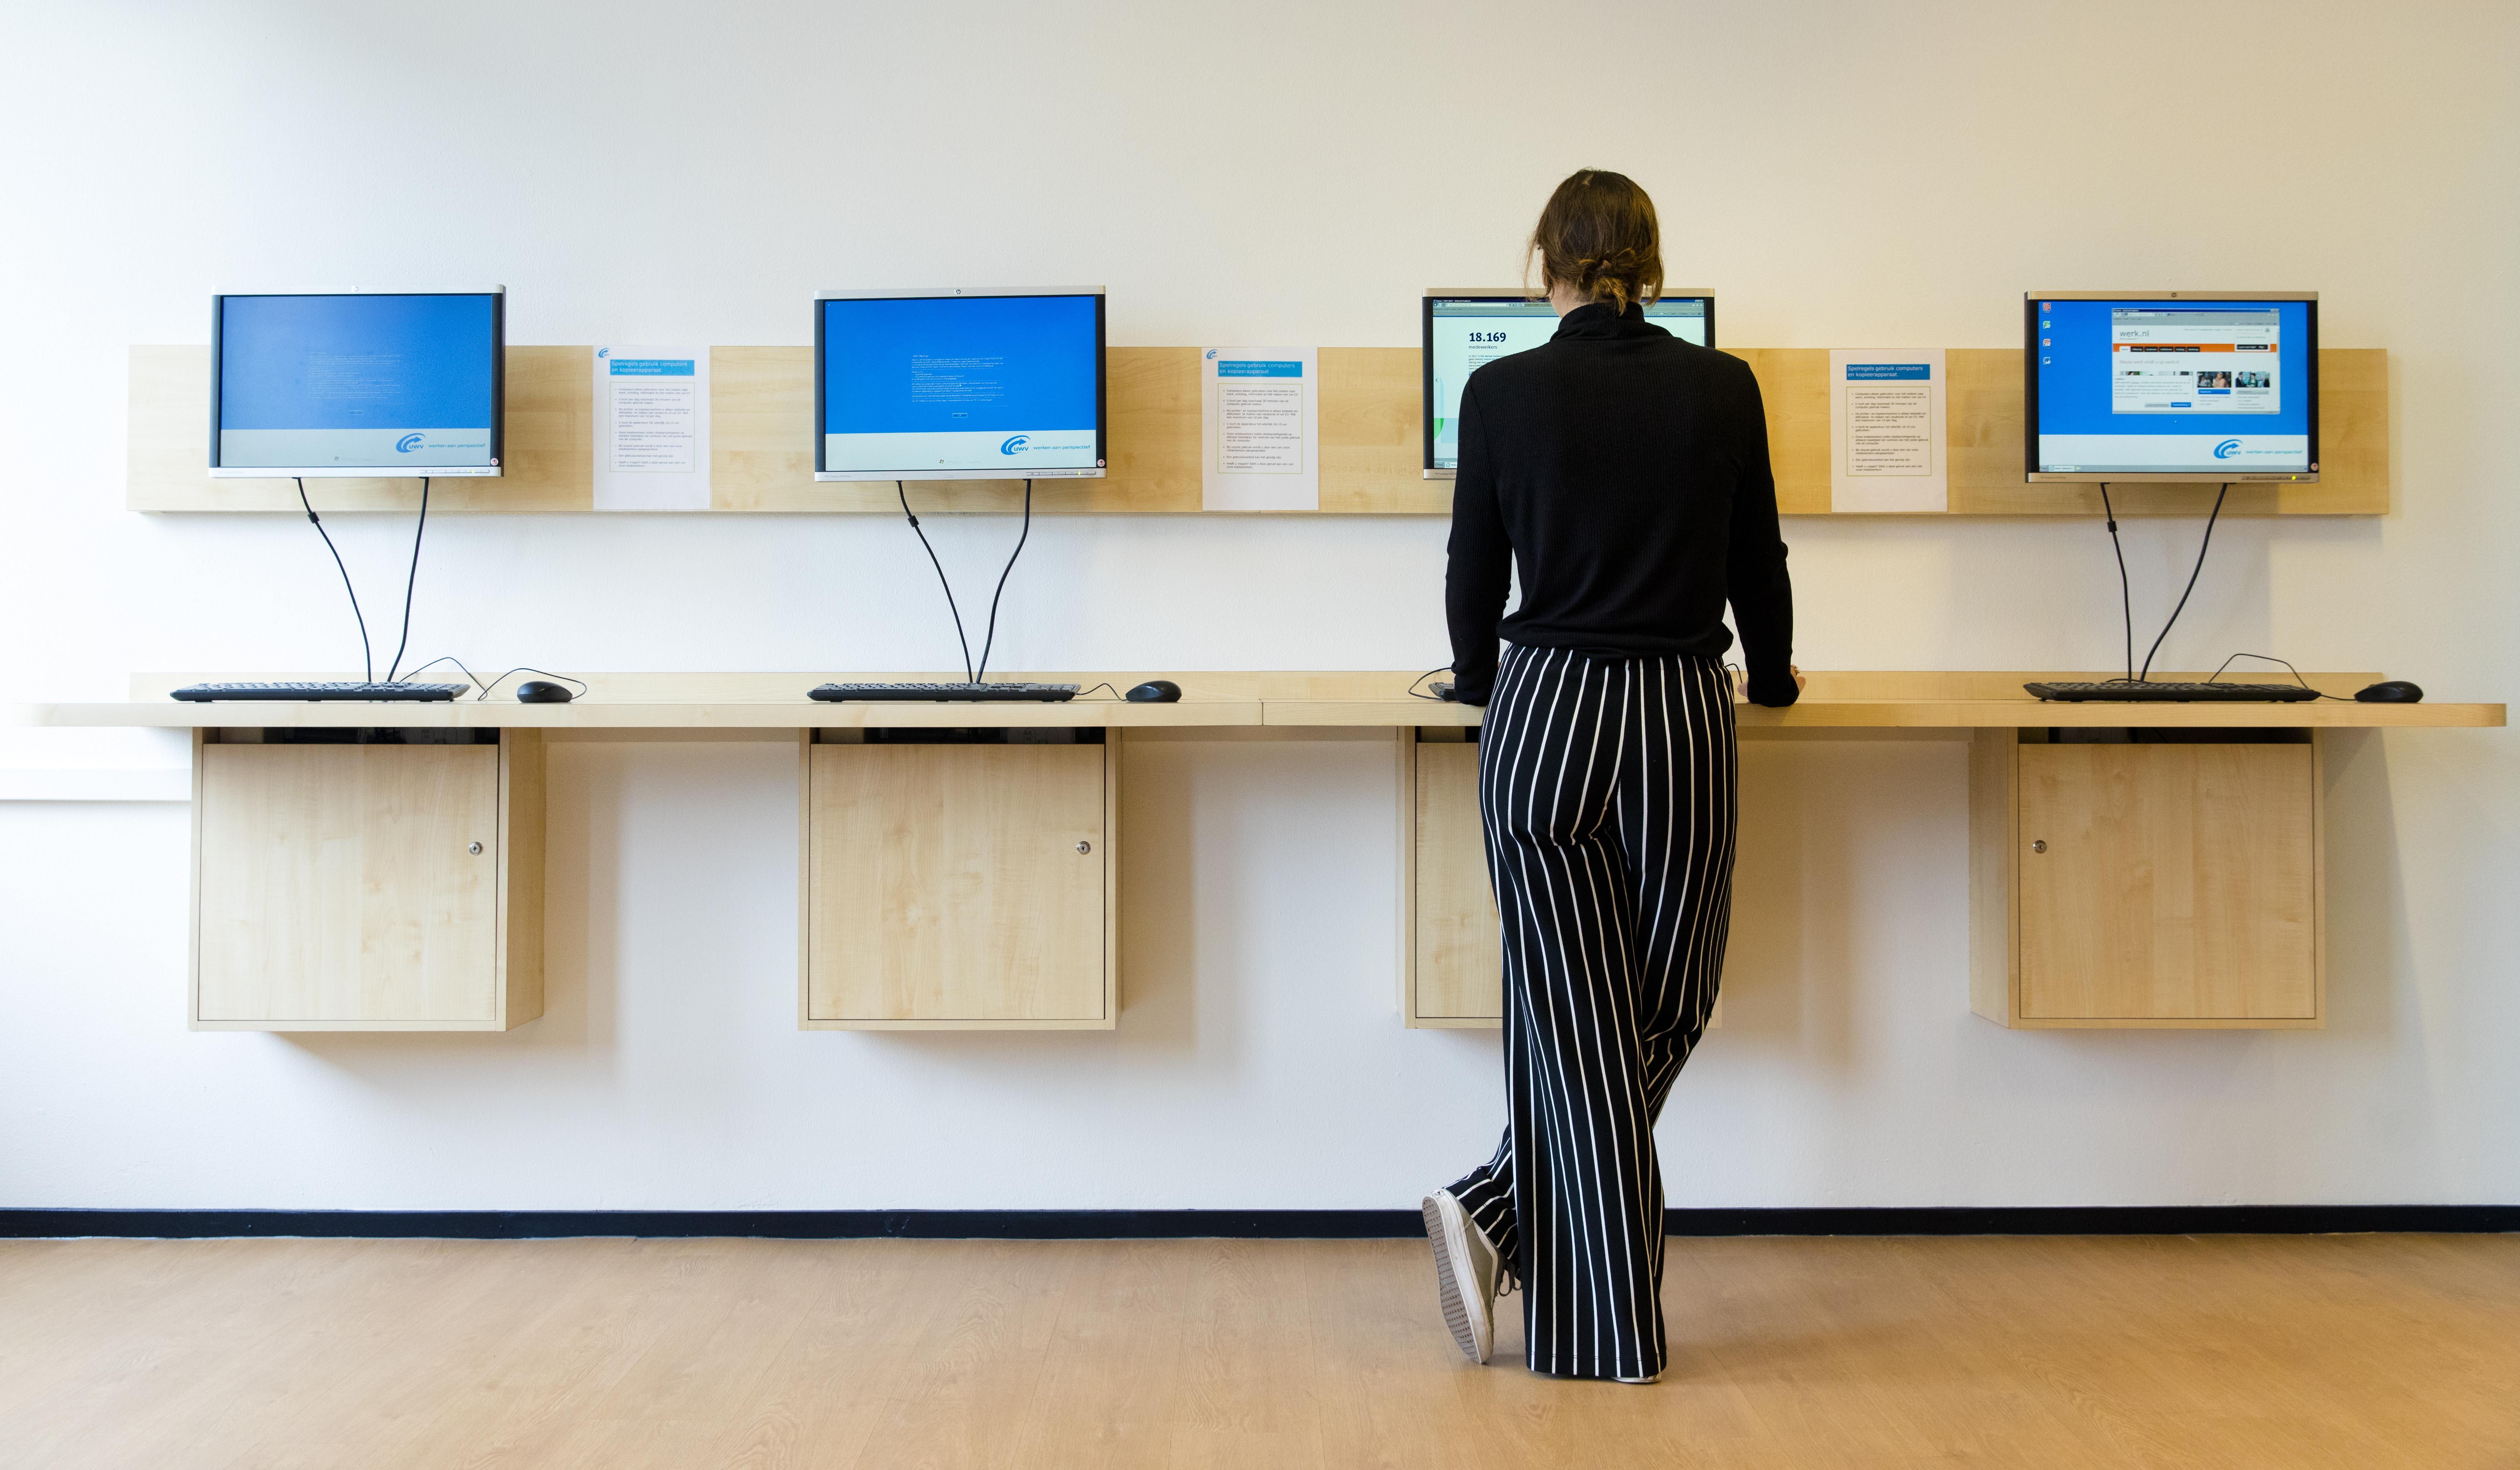 Lichte daling van werkloosheid in regio Alkmaar in augustus: aantal ww'ers zakt van 4222 naar 4033